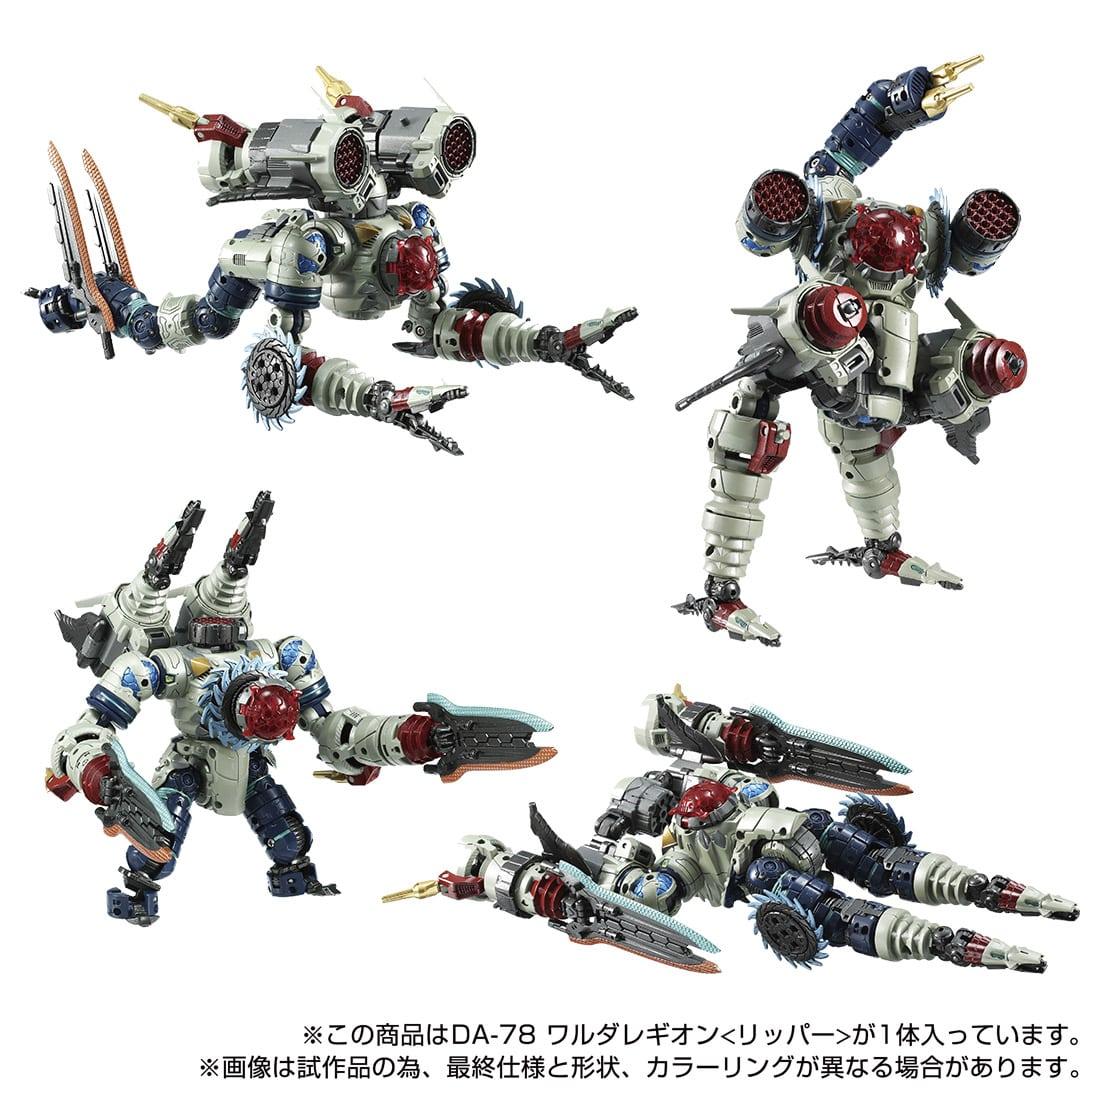 ダイアクロン『DA-78 ワルダレギオン〈リッパー〉』可変可動フィギュア-002